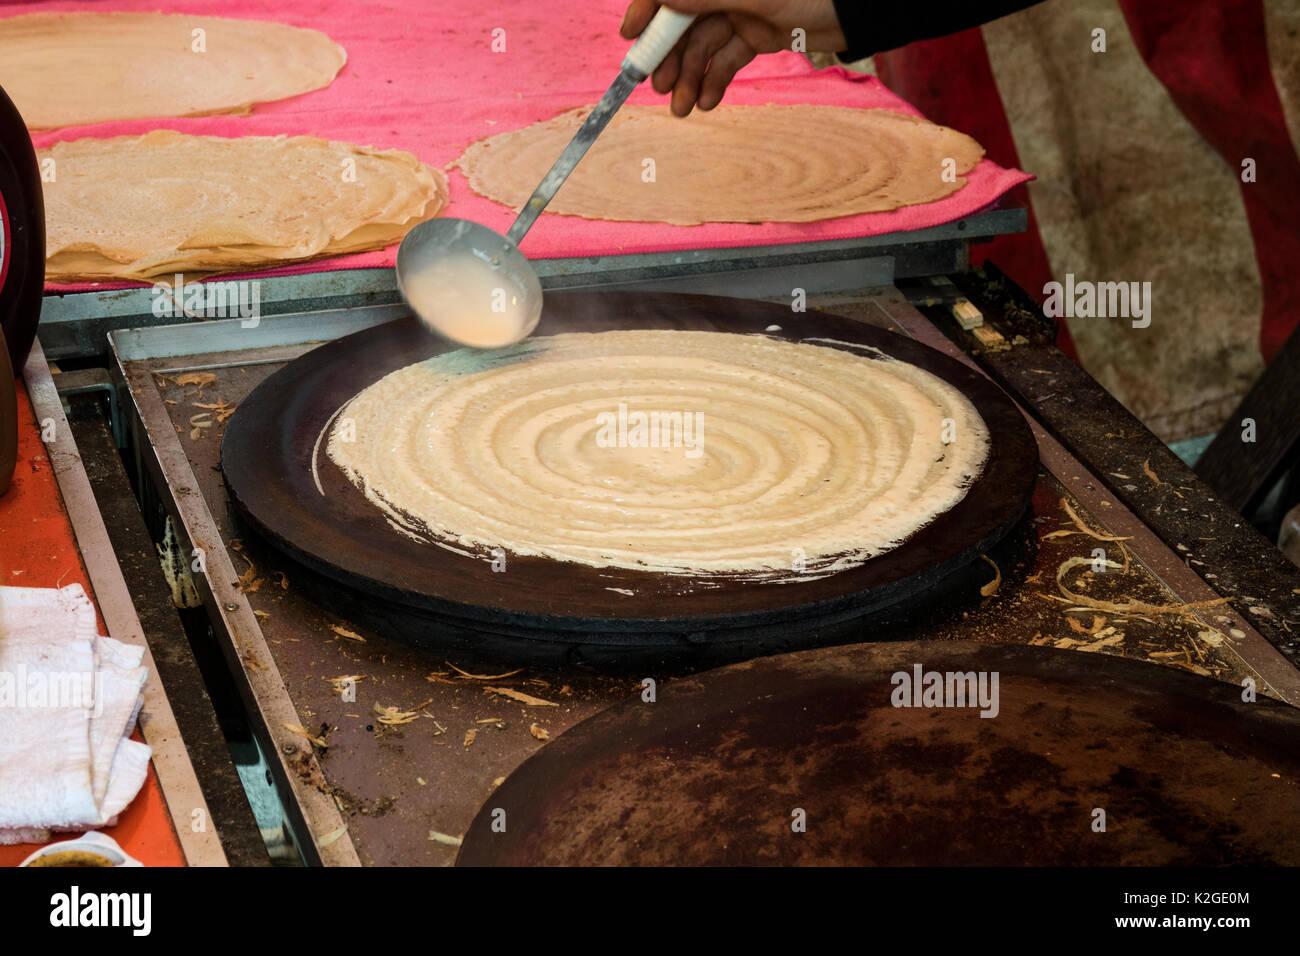 Tokyo, Japan - May 14, 2017: Baking pancakes, Okonomiyaki, at the Kanda Matsuri Festval - Stock Image